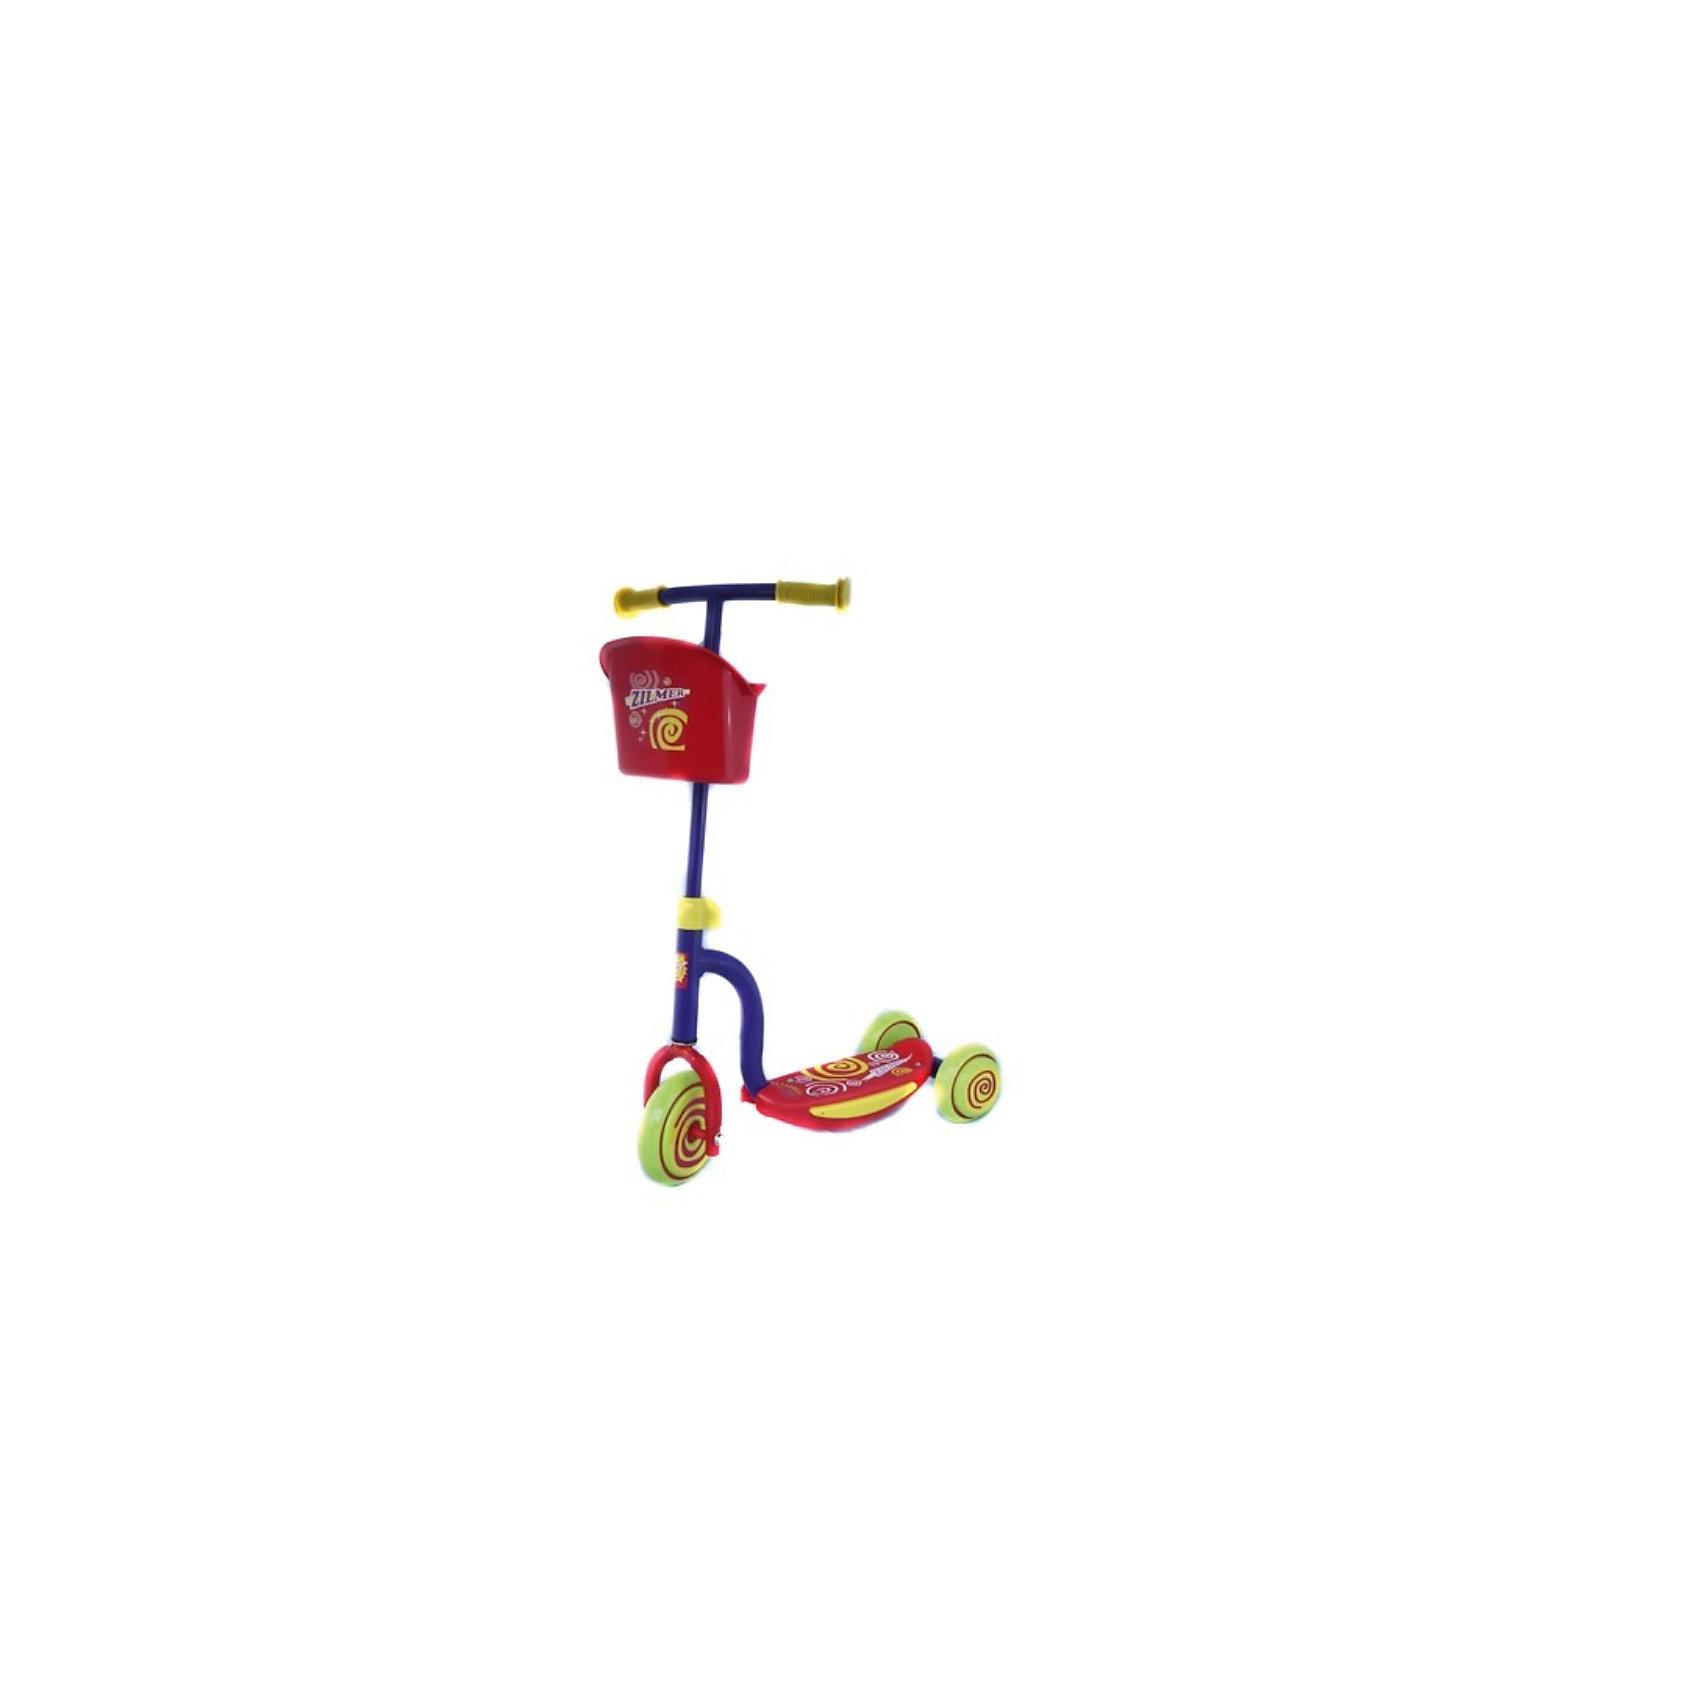 Zilmer Самокат трёхколёсный Малыш, Zilmer инерционный самокат в запорожье